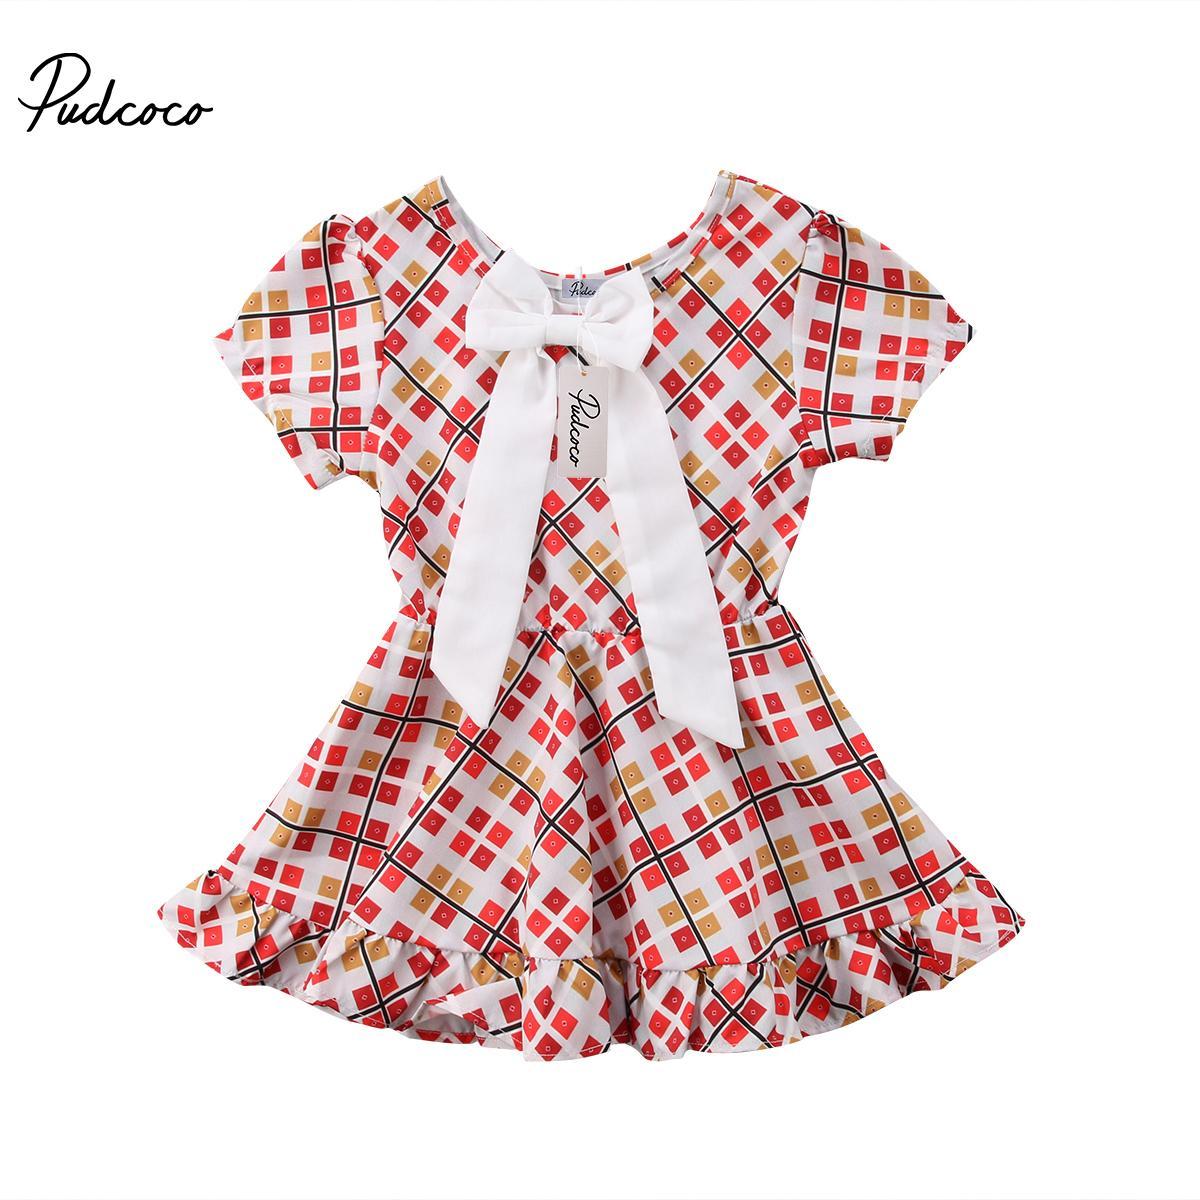 Schöner Kind-Baby-Mädchen-Bogen-Knoten-Kleid-Blumendruck Sommer Hübsche Sommerkleid-Partei-Festzug Tutu-Kleid stilvolle heißen Verkaufs Kleidung Neue